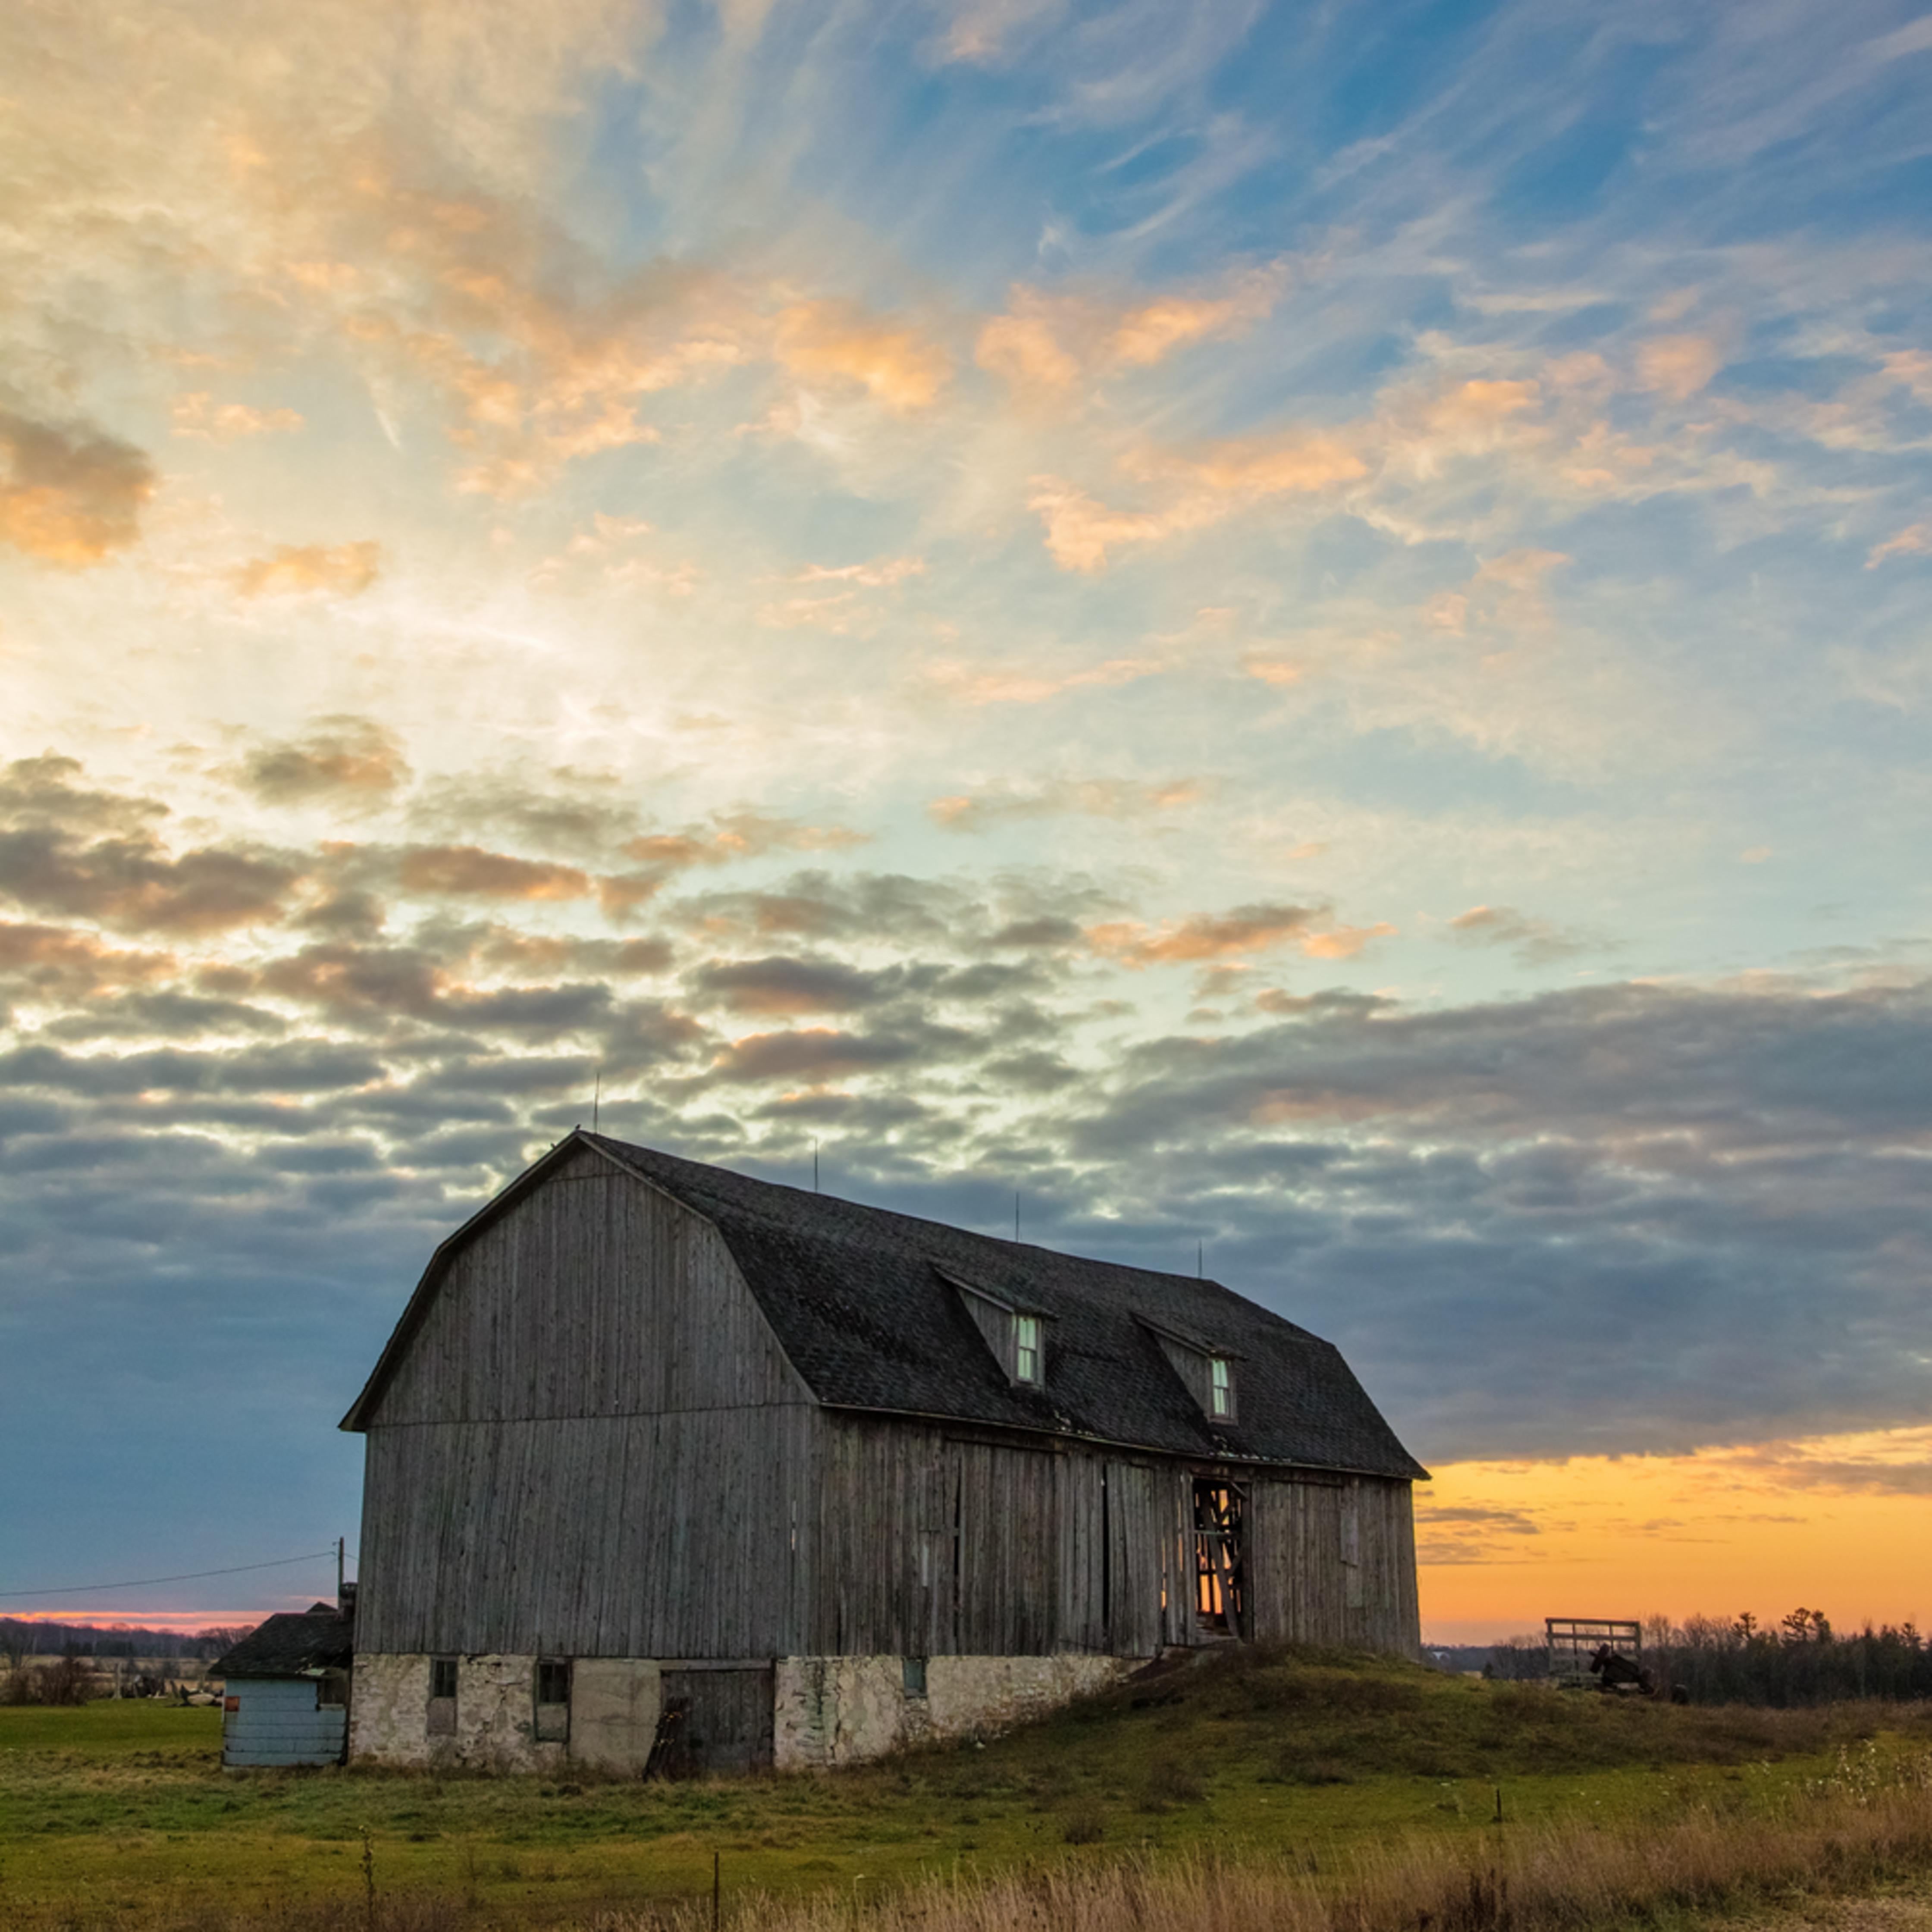 Daybreak on the farm 20171202 082414 mc 033 af3lzh